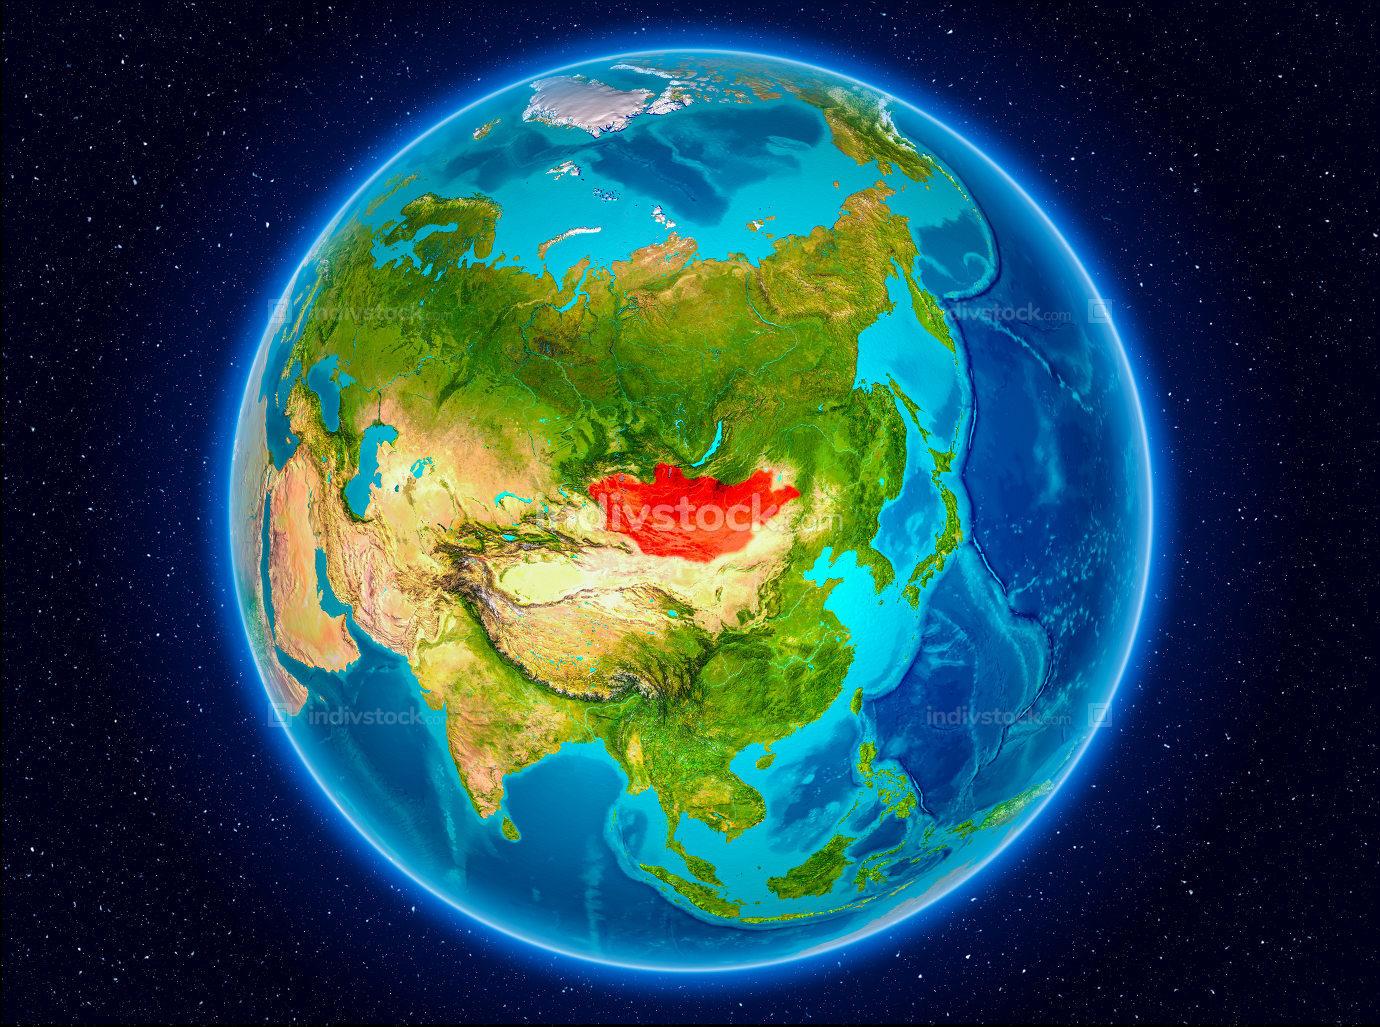 Mongolia on Earth